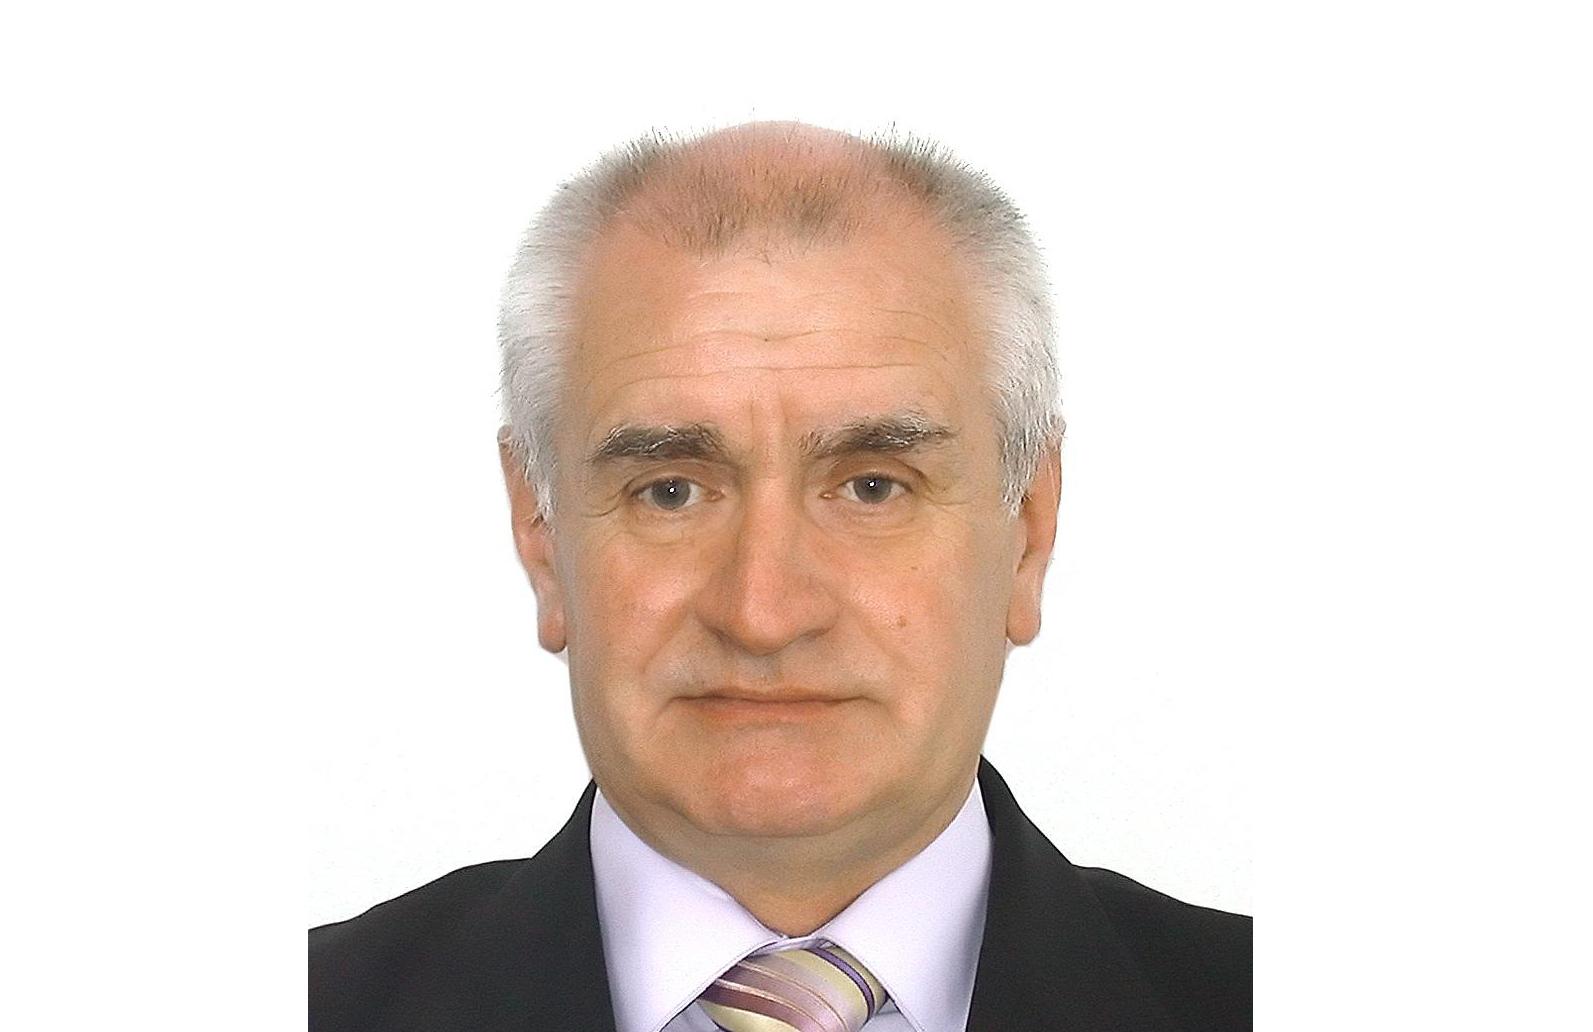 Профессор Владимир Матвеев, д.т.н., к.э.н. СПбГЭУ РАНХиГС